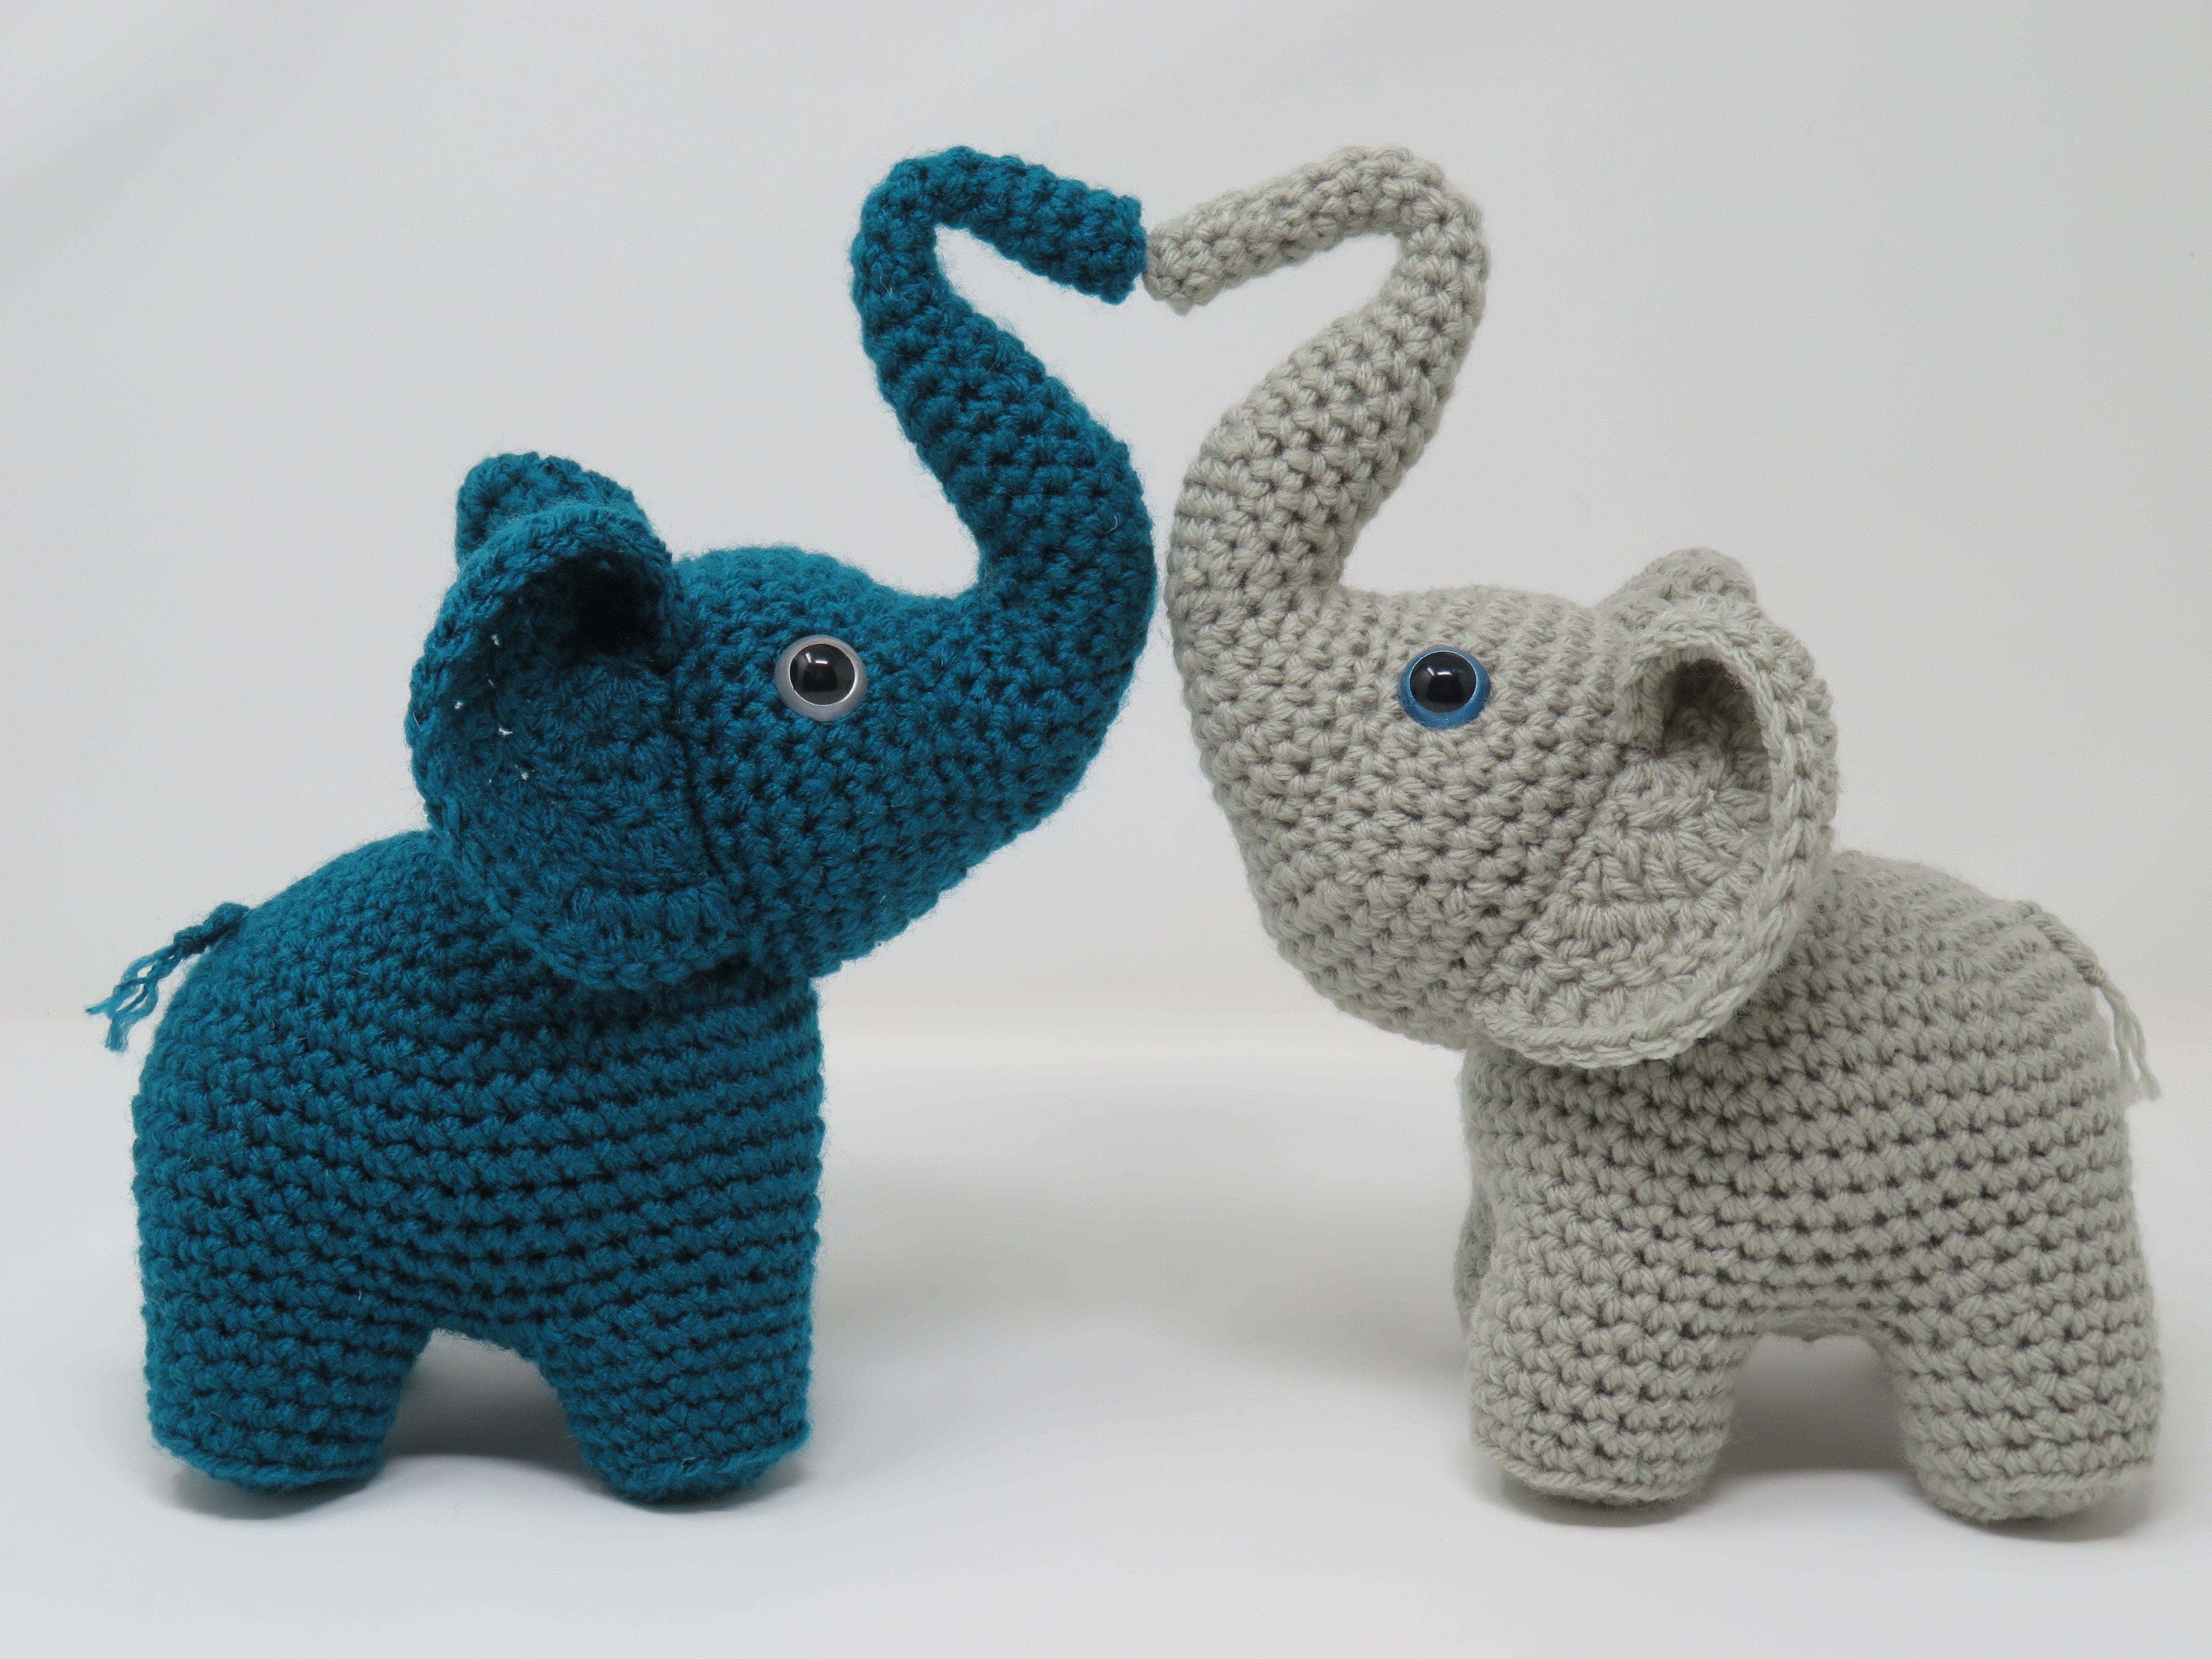 Elephants In Love Premium Crochet Pattern Printable Hooked By Kati Free Crochet Pattern Crochet Patterns Love Is Free